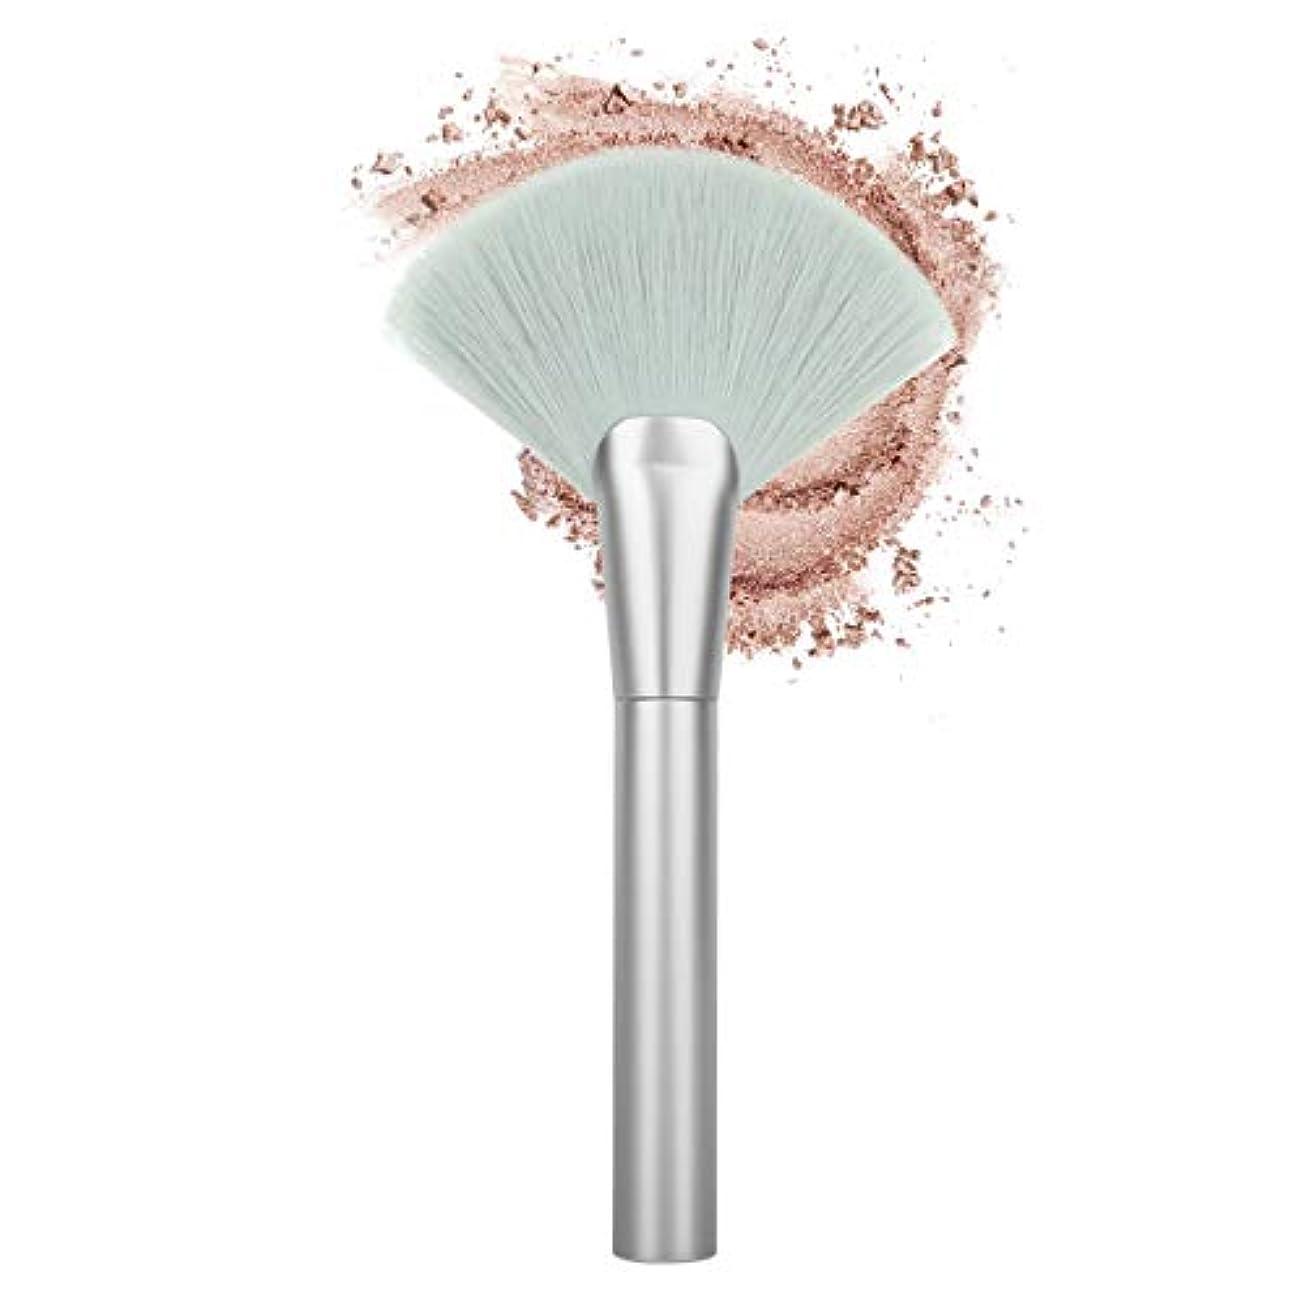 ハブブ転送重要Luxspire メイクブラシ 化粧 ブラシ 1本 ファンデーションブラシ シャドウ フェイスブラシ 高級 化粧筆 扇形 ふわふわ 敏感肌適用 高級タクロン 清らか 緑銀色